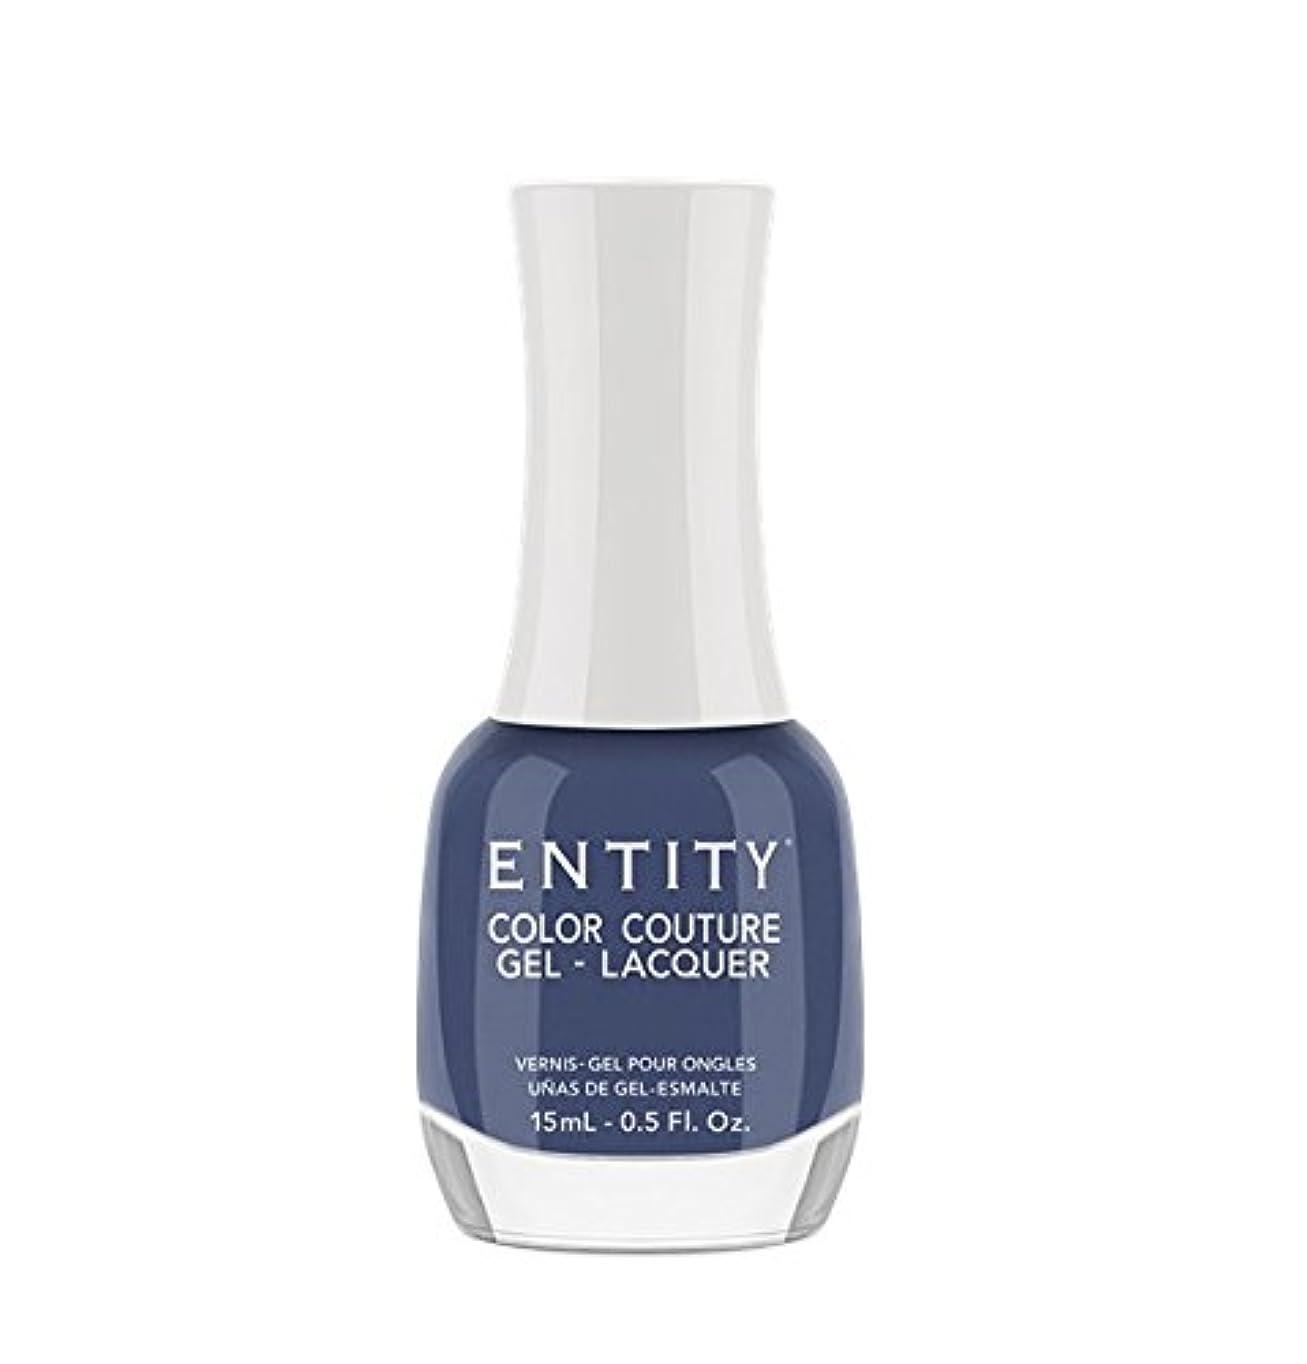 Entity Color Couture Gel-Lacquer - Bolero Blue - 15 ml/0.5 oz